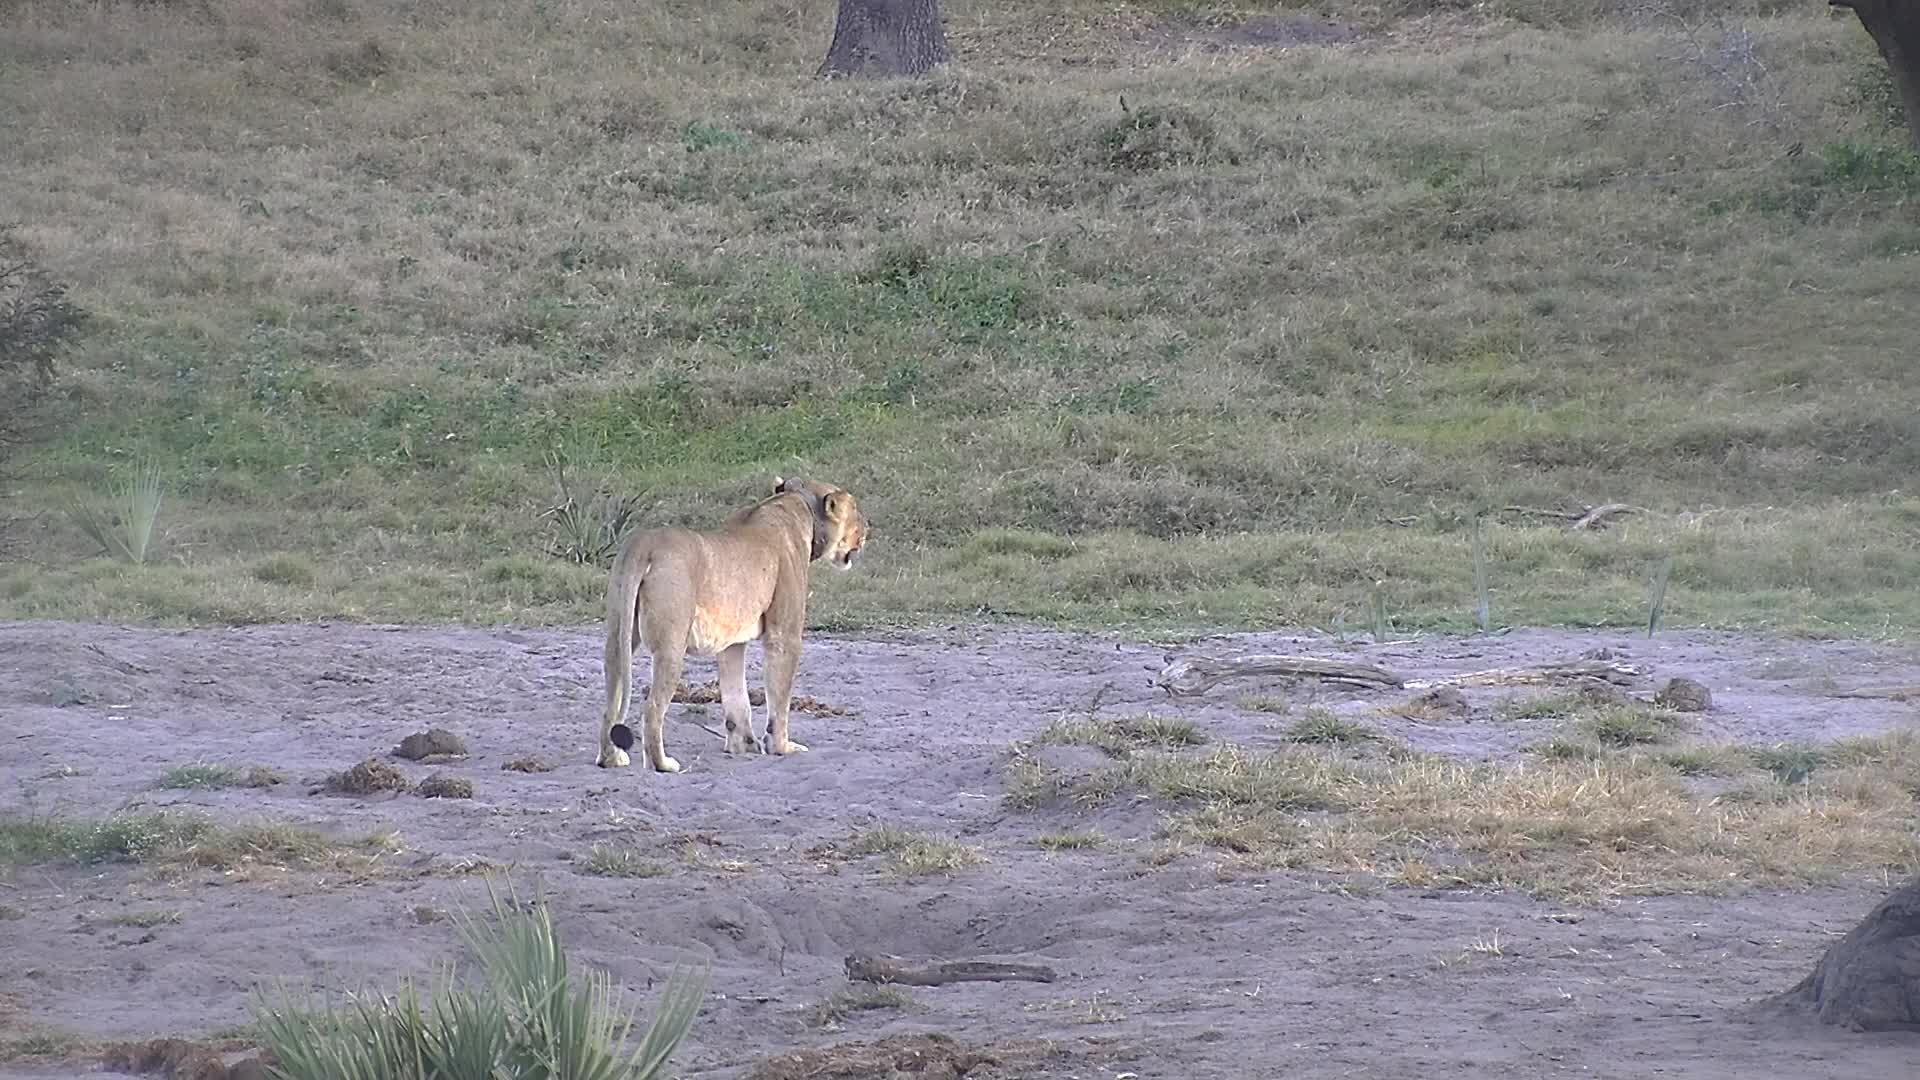 VIDEO:  Lioness walking away from the waterhole